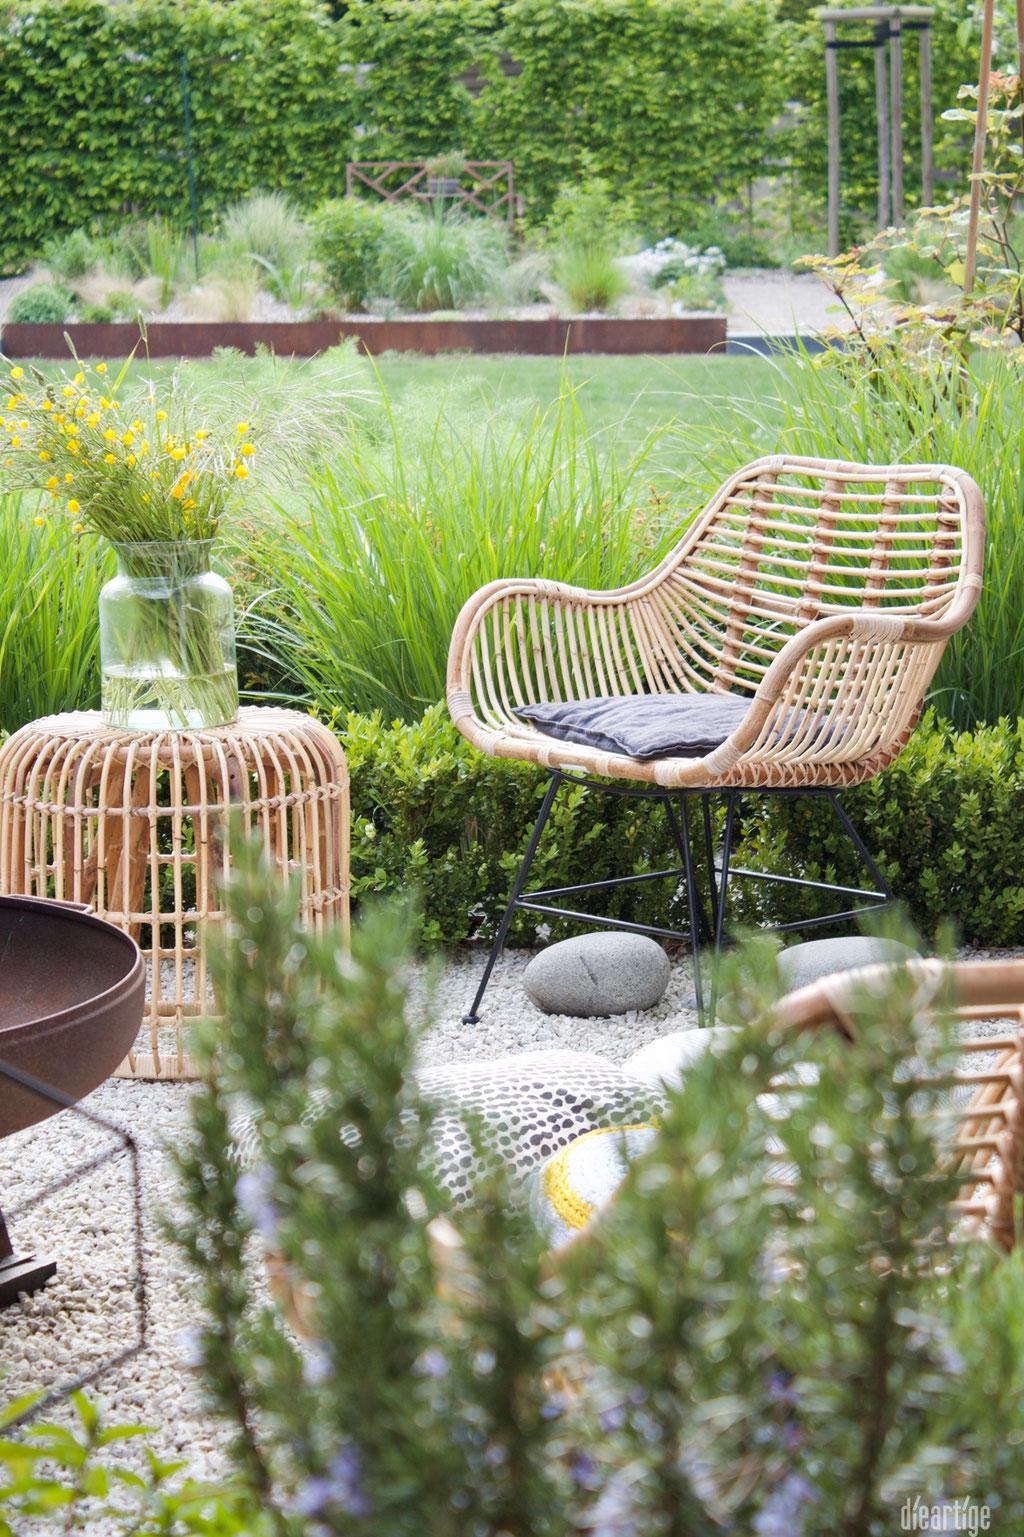 dieartigeBLOG - Rattan-Stuhl, Rattan-Hocker, Wiesenblumen, Garten